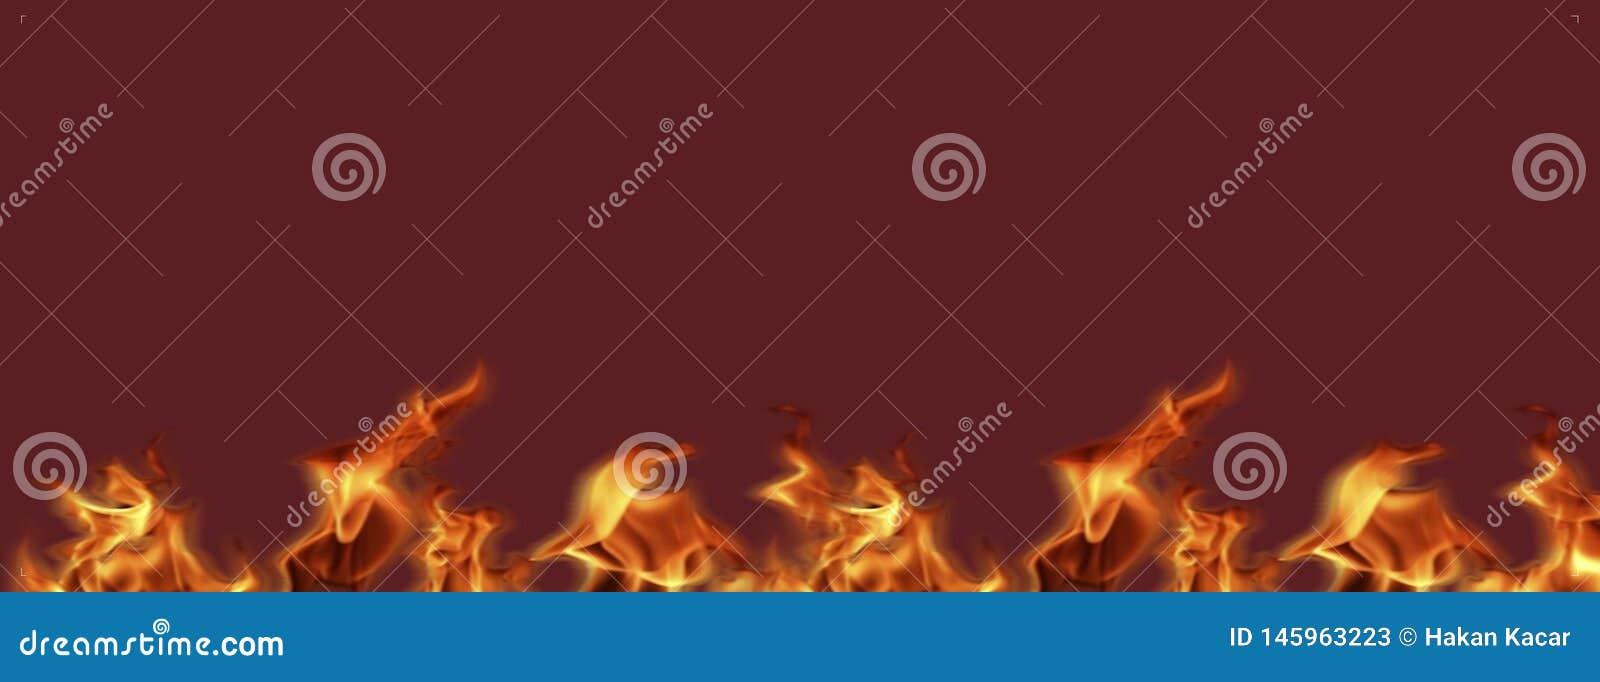 Le insegne del fuoco della fiamma pronte per il lavoro, struttura del fondo per aggiungono il testo o la progettazione grafica